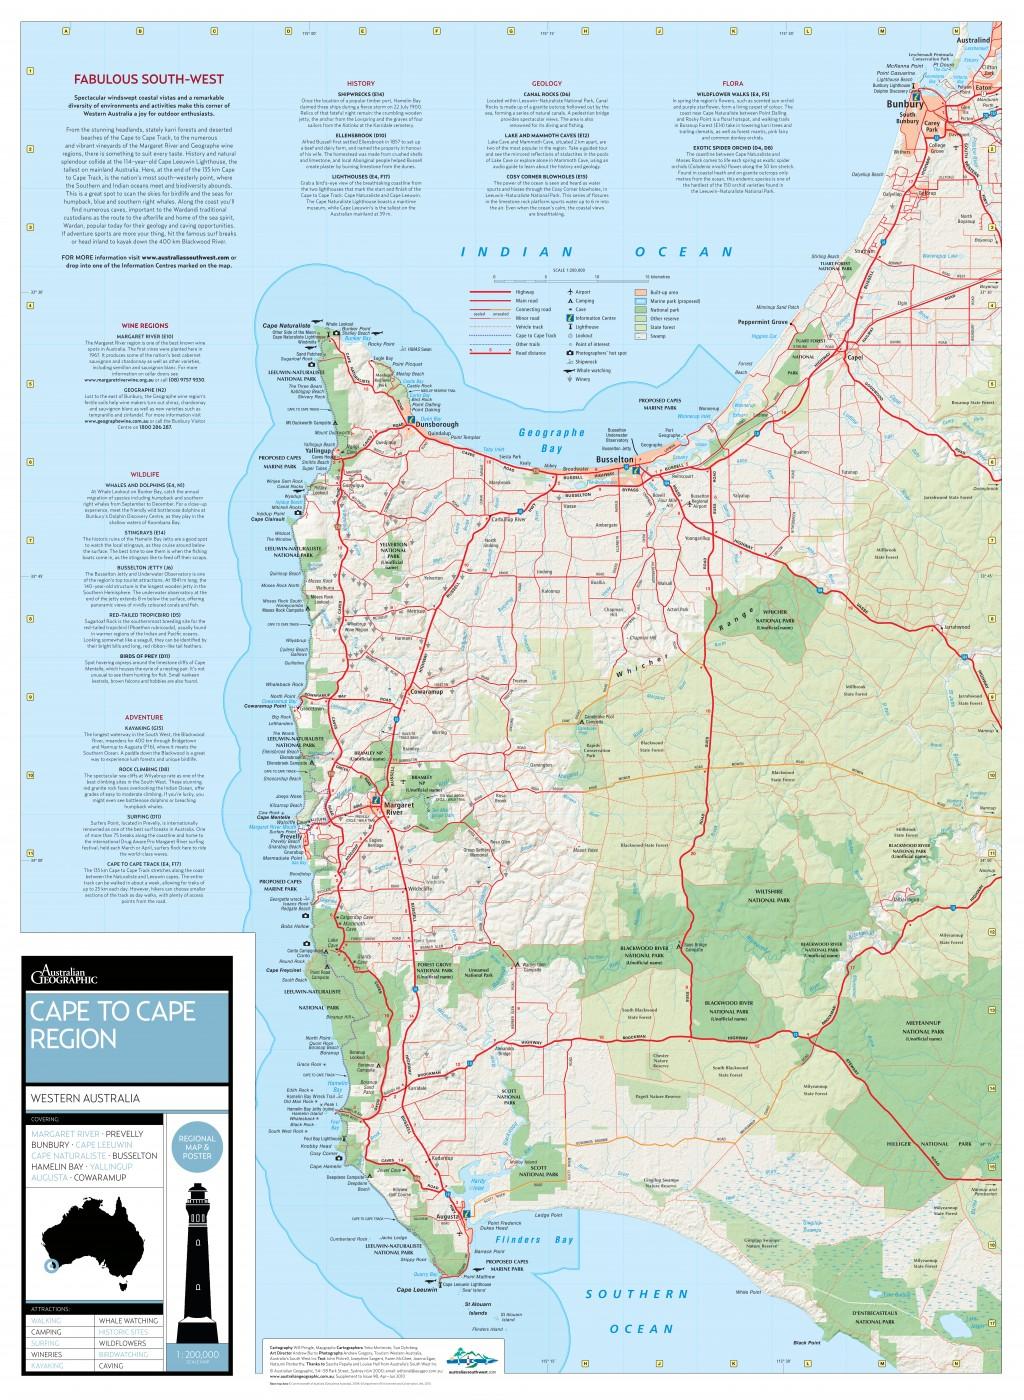 cape to cape track western australia